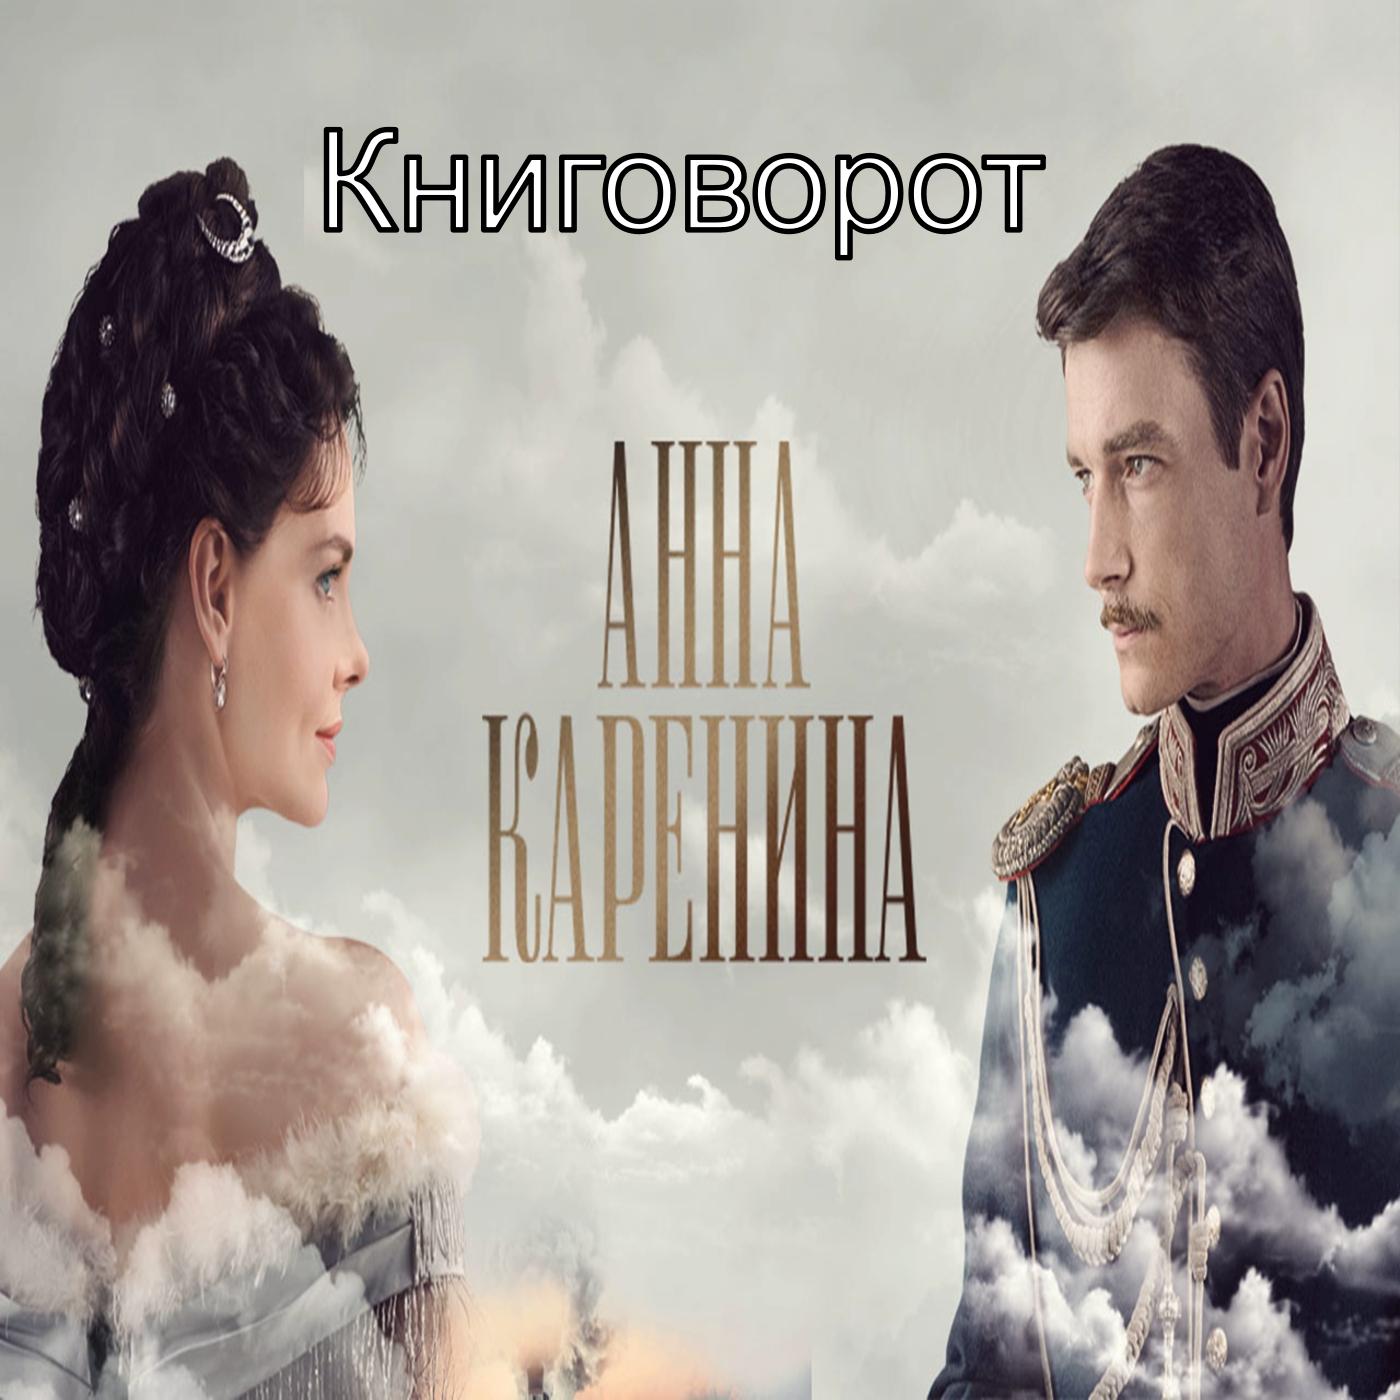 Анна Каренина - Книговорот